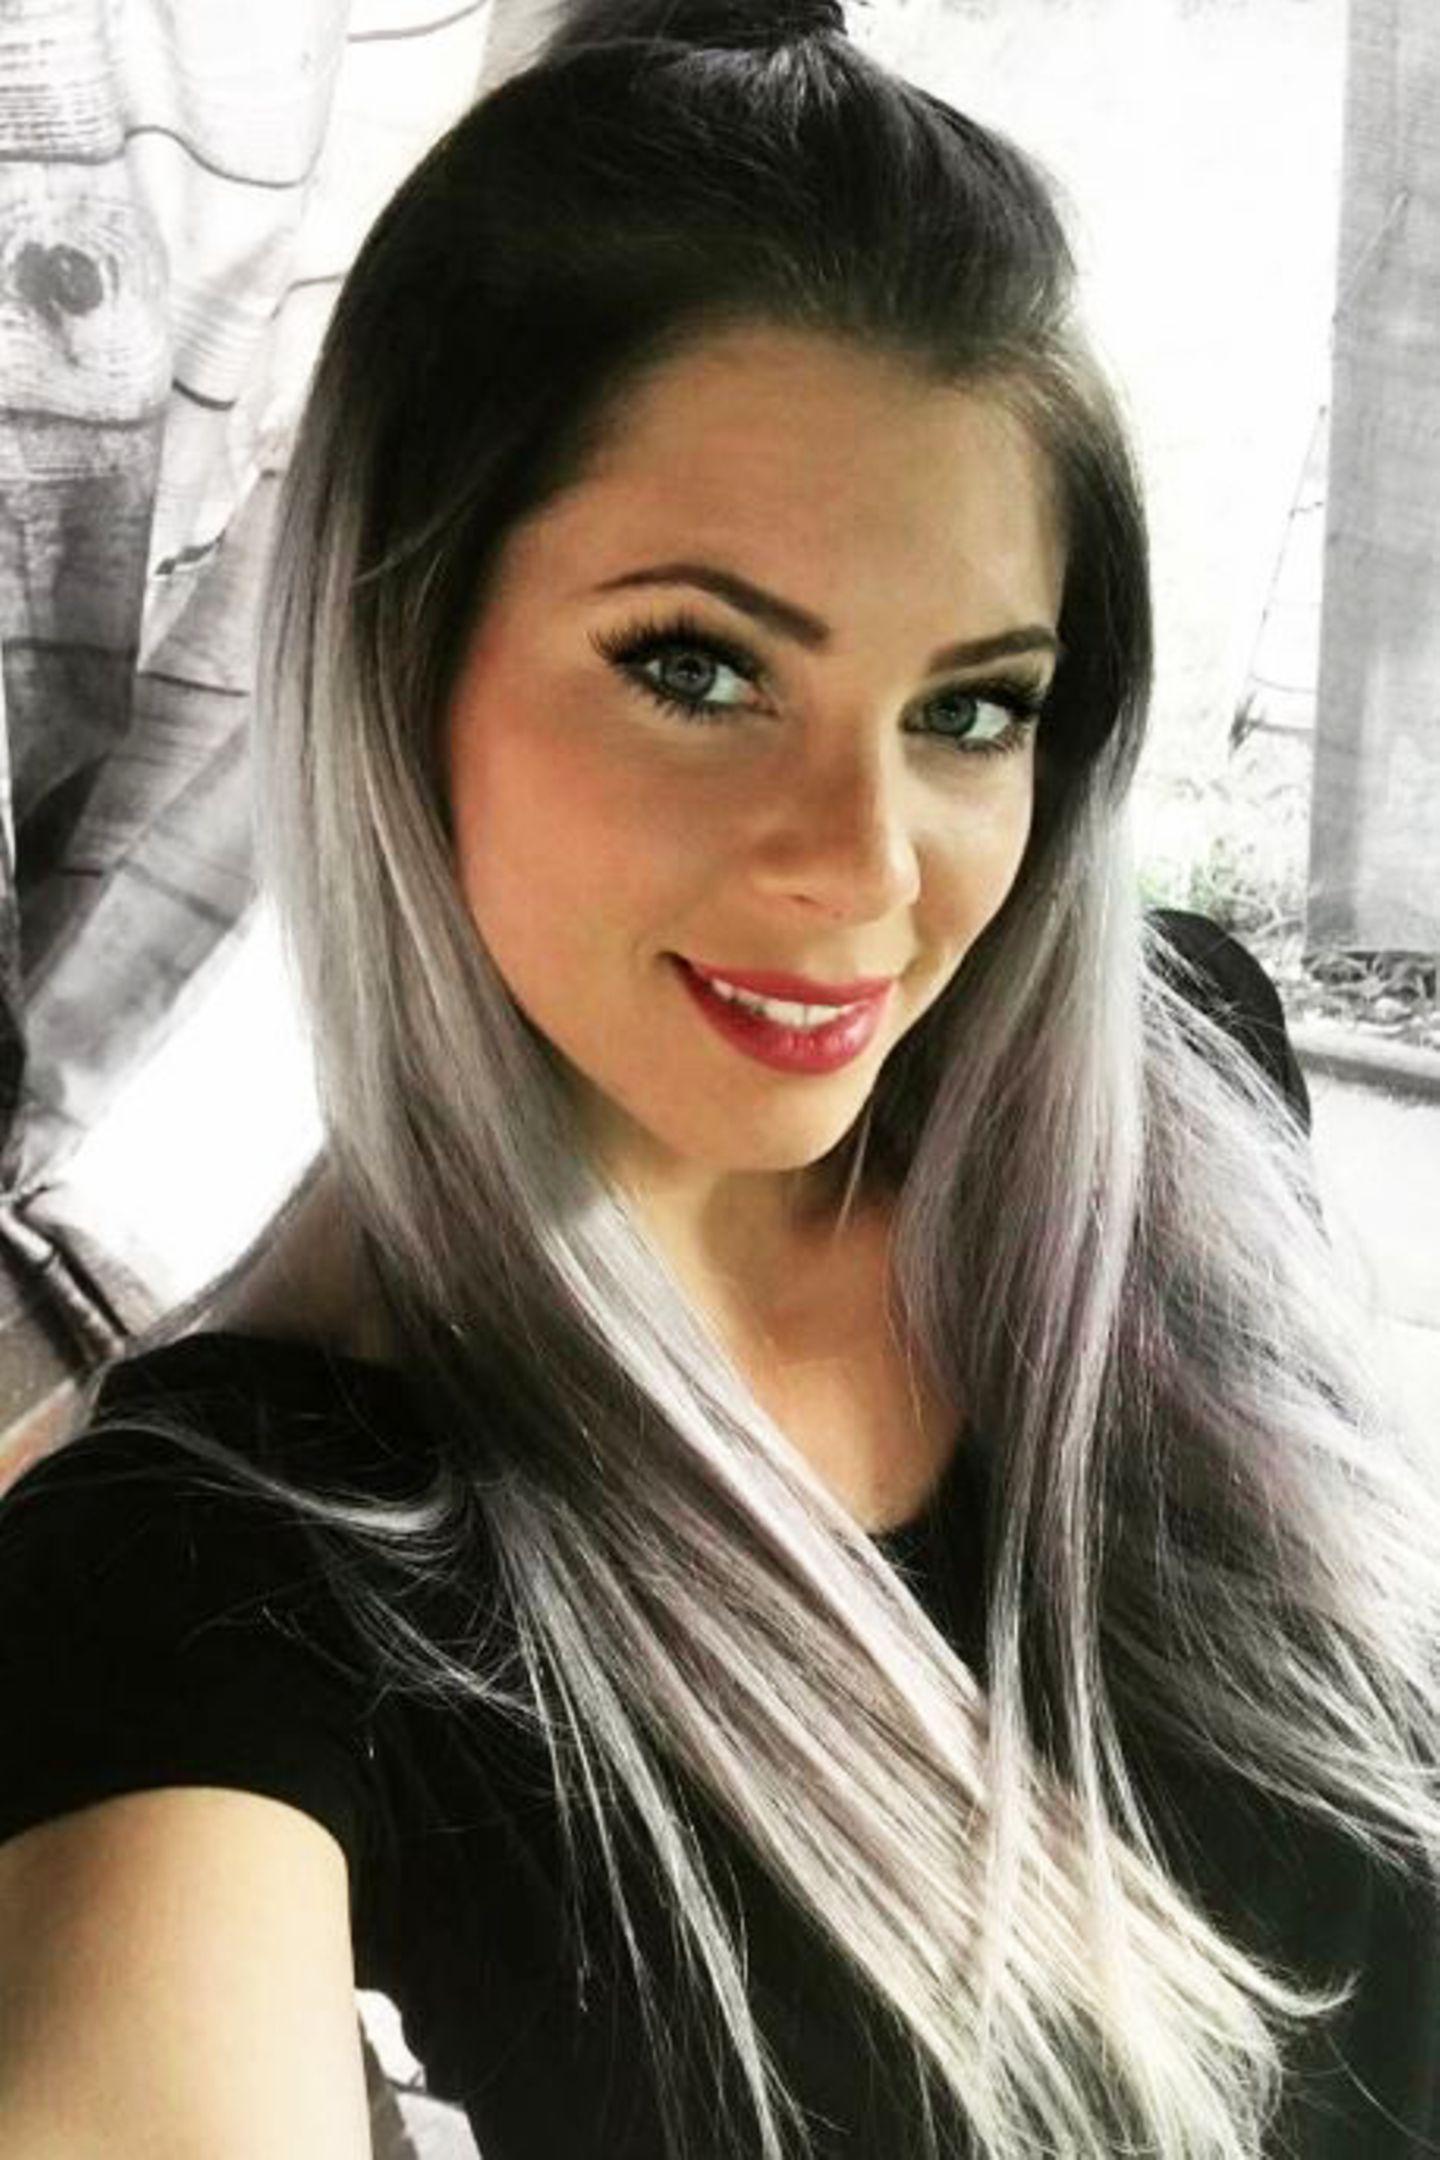 Ebenso wie ihre Schwester Daniela Katzenberger, legt auch Jenny Frankhauser viel Wert auf ihr Aussehen. Die Sängerin schminkt sich gerne und auch viel. Doch aktuell traut sie sich aus einem anderen Grund nicht ohne Make-up aus dem Haus ...